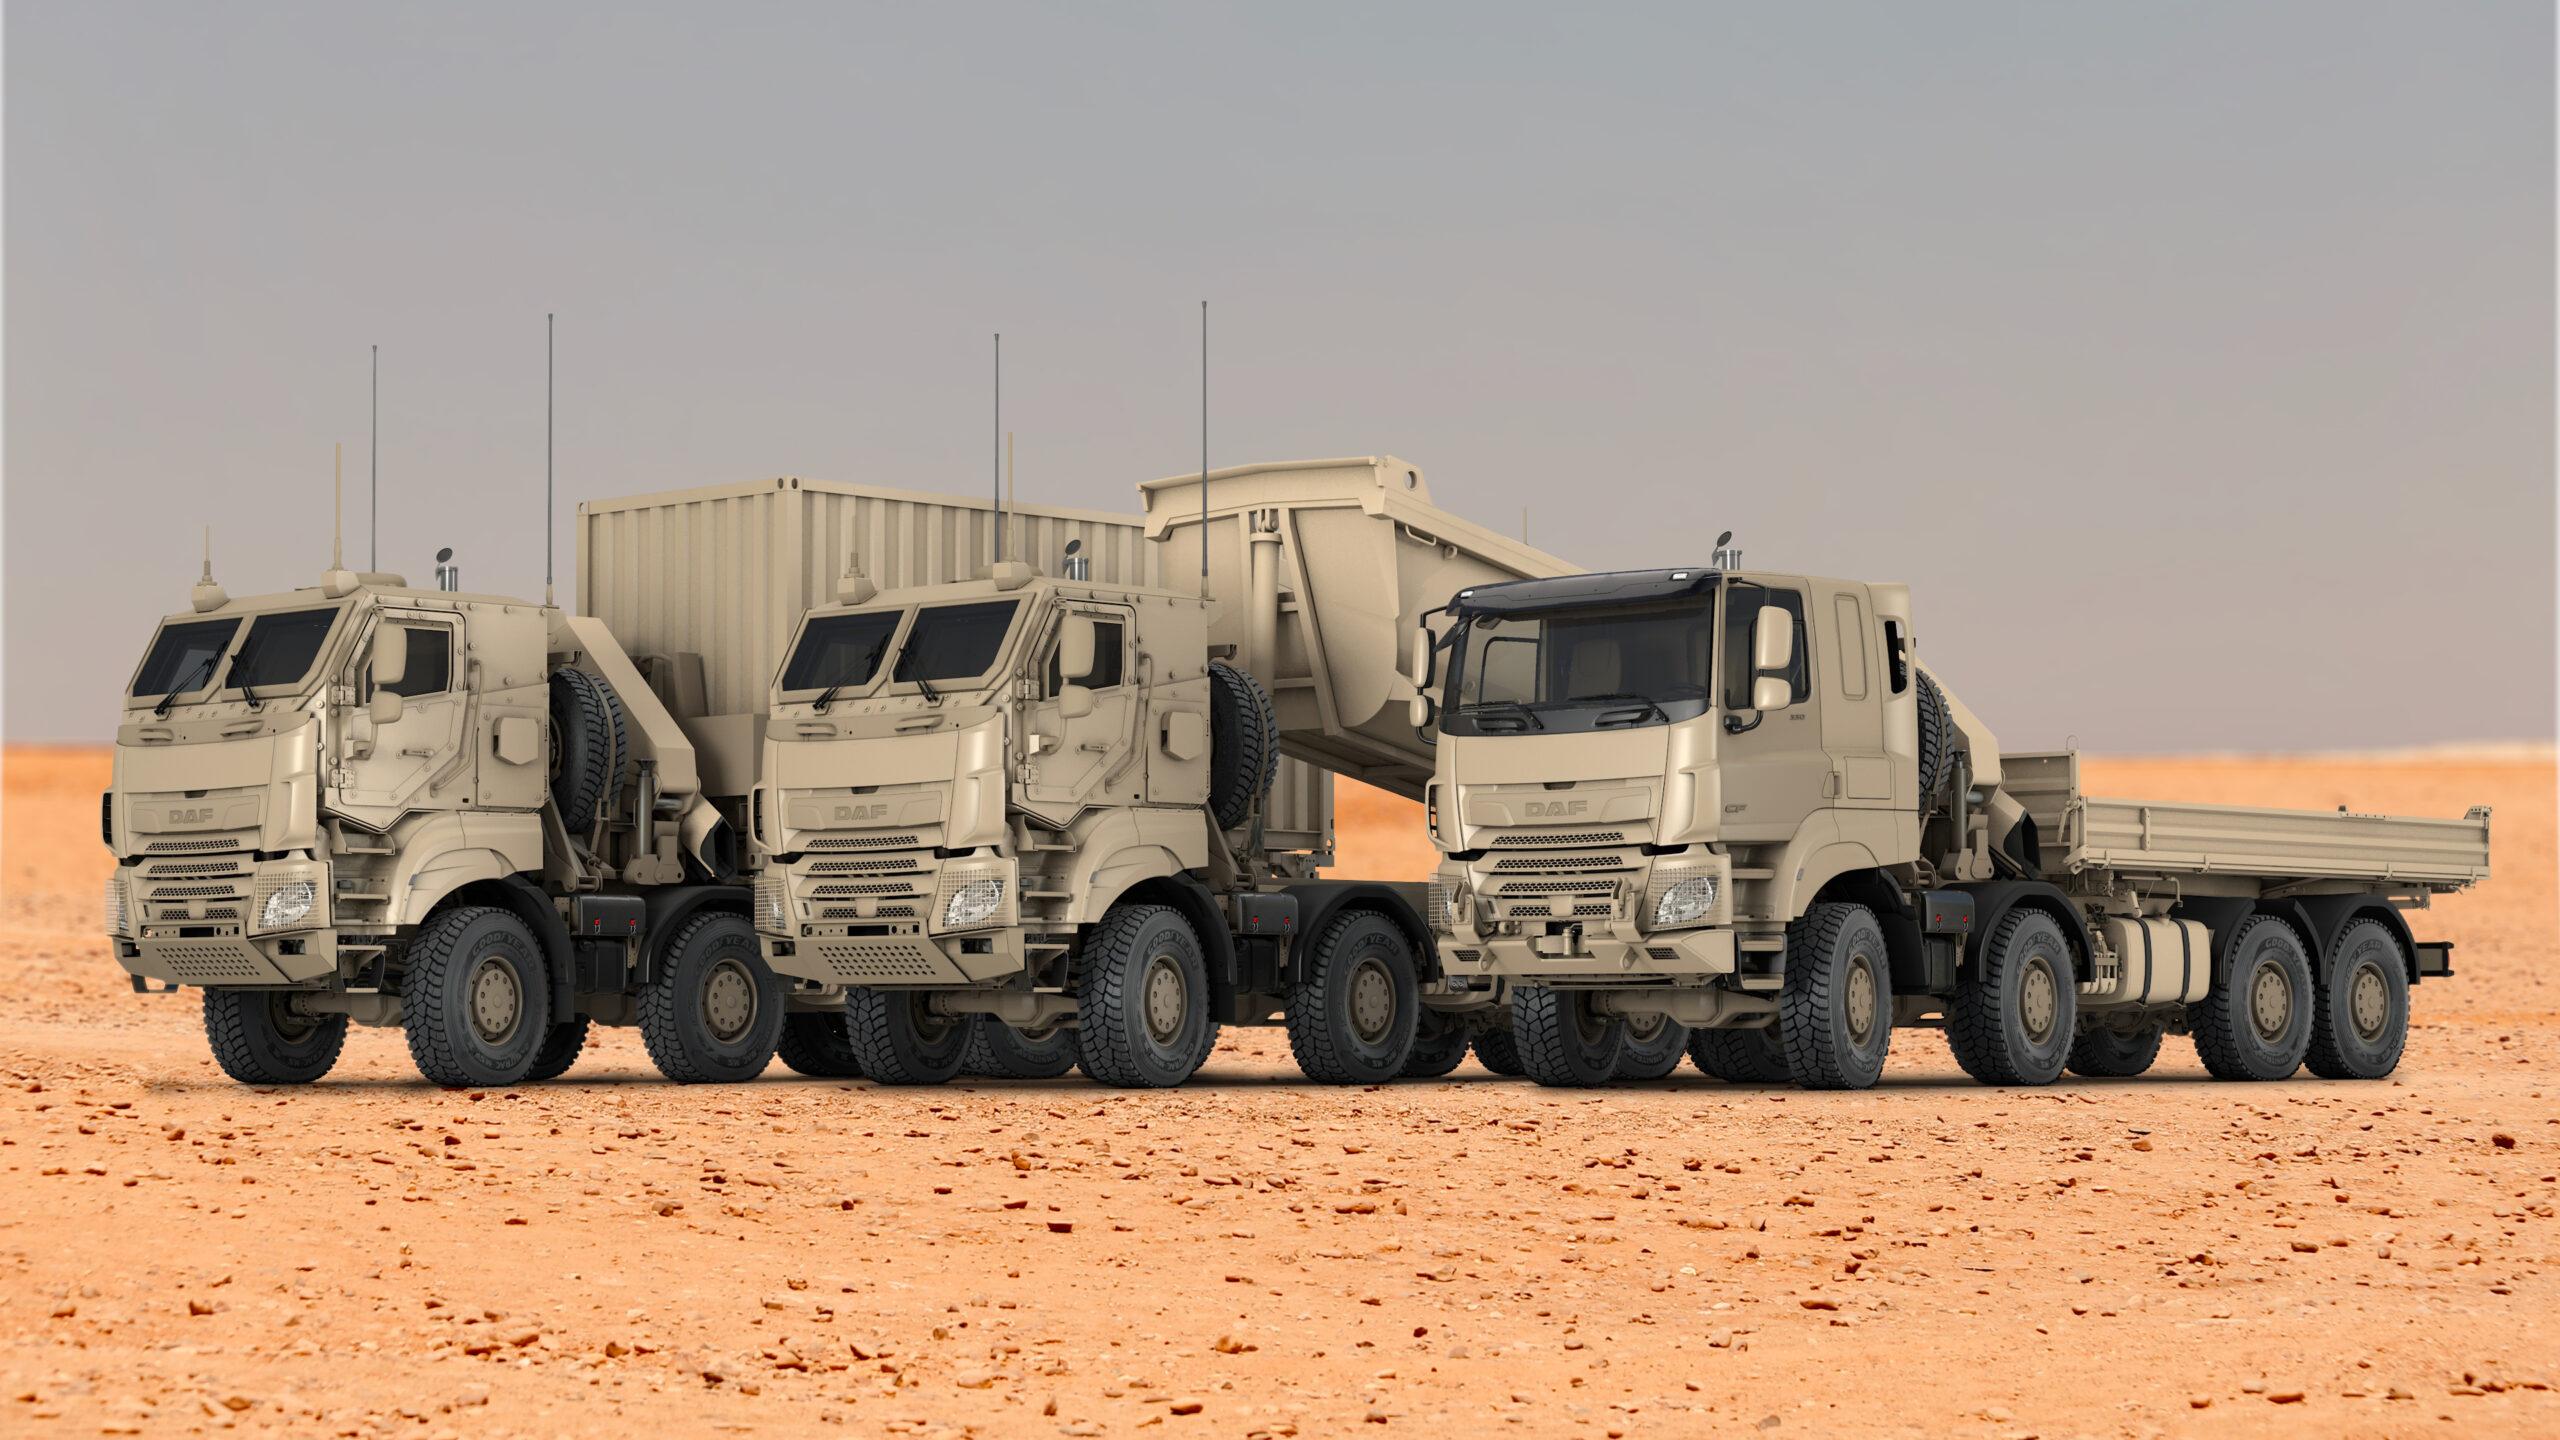 DAF schiet raak bij Belgische defensie • TTM.nl - TTM.nl